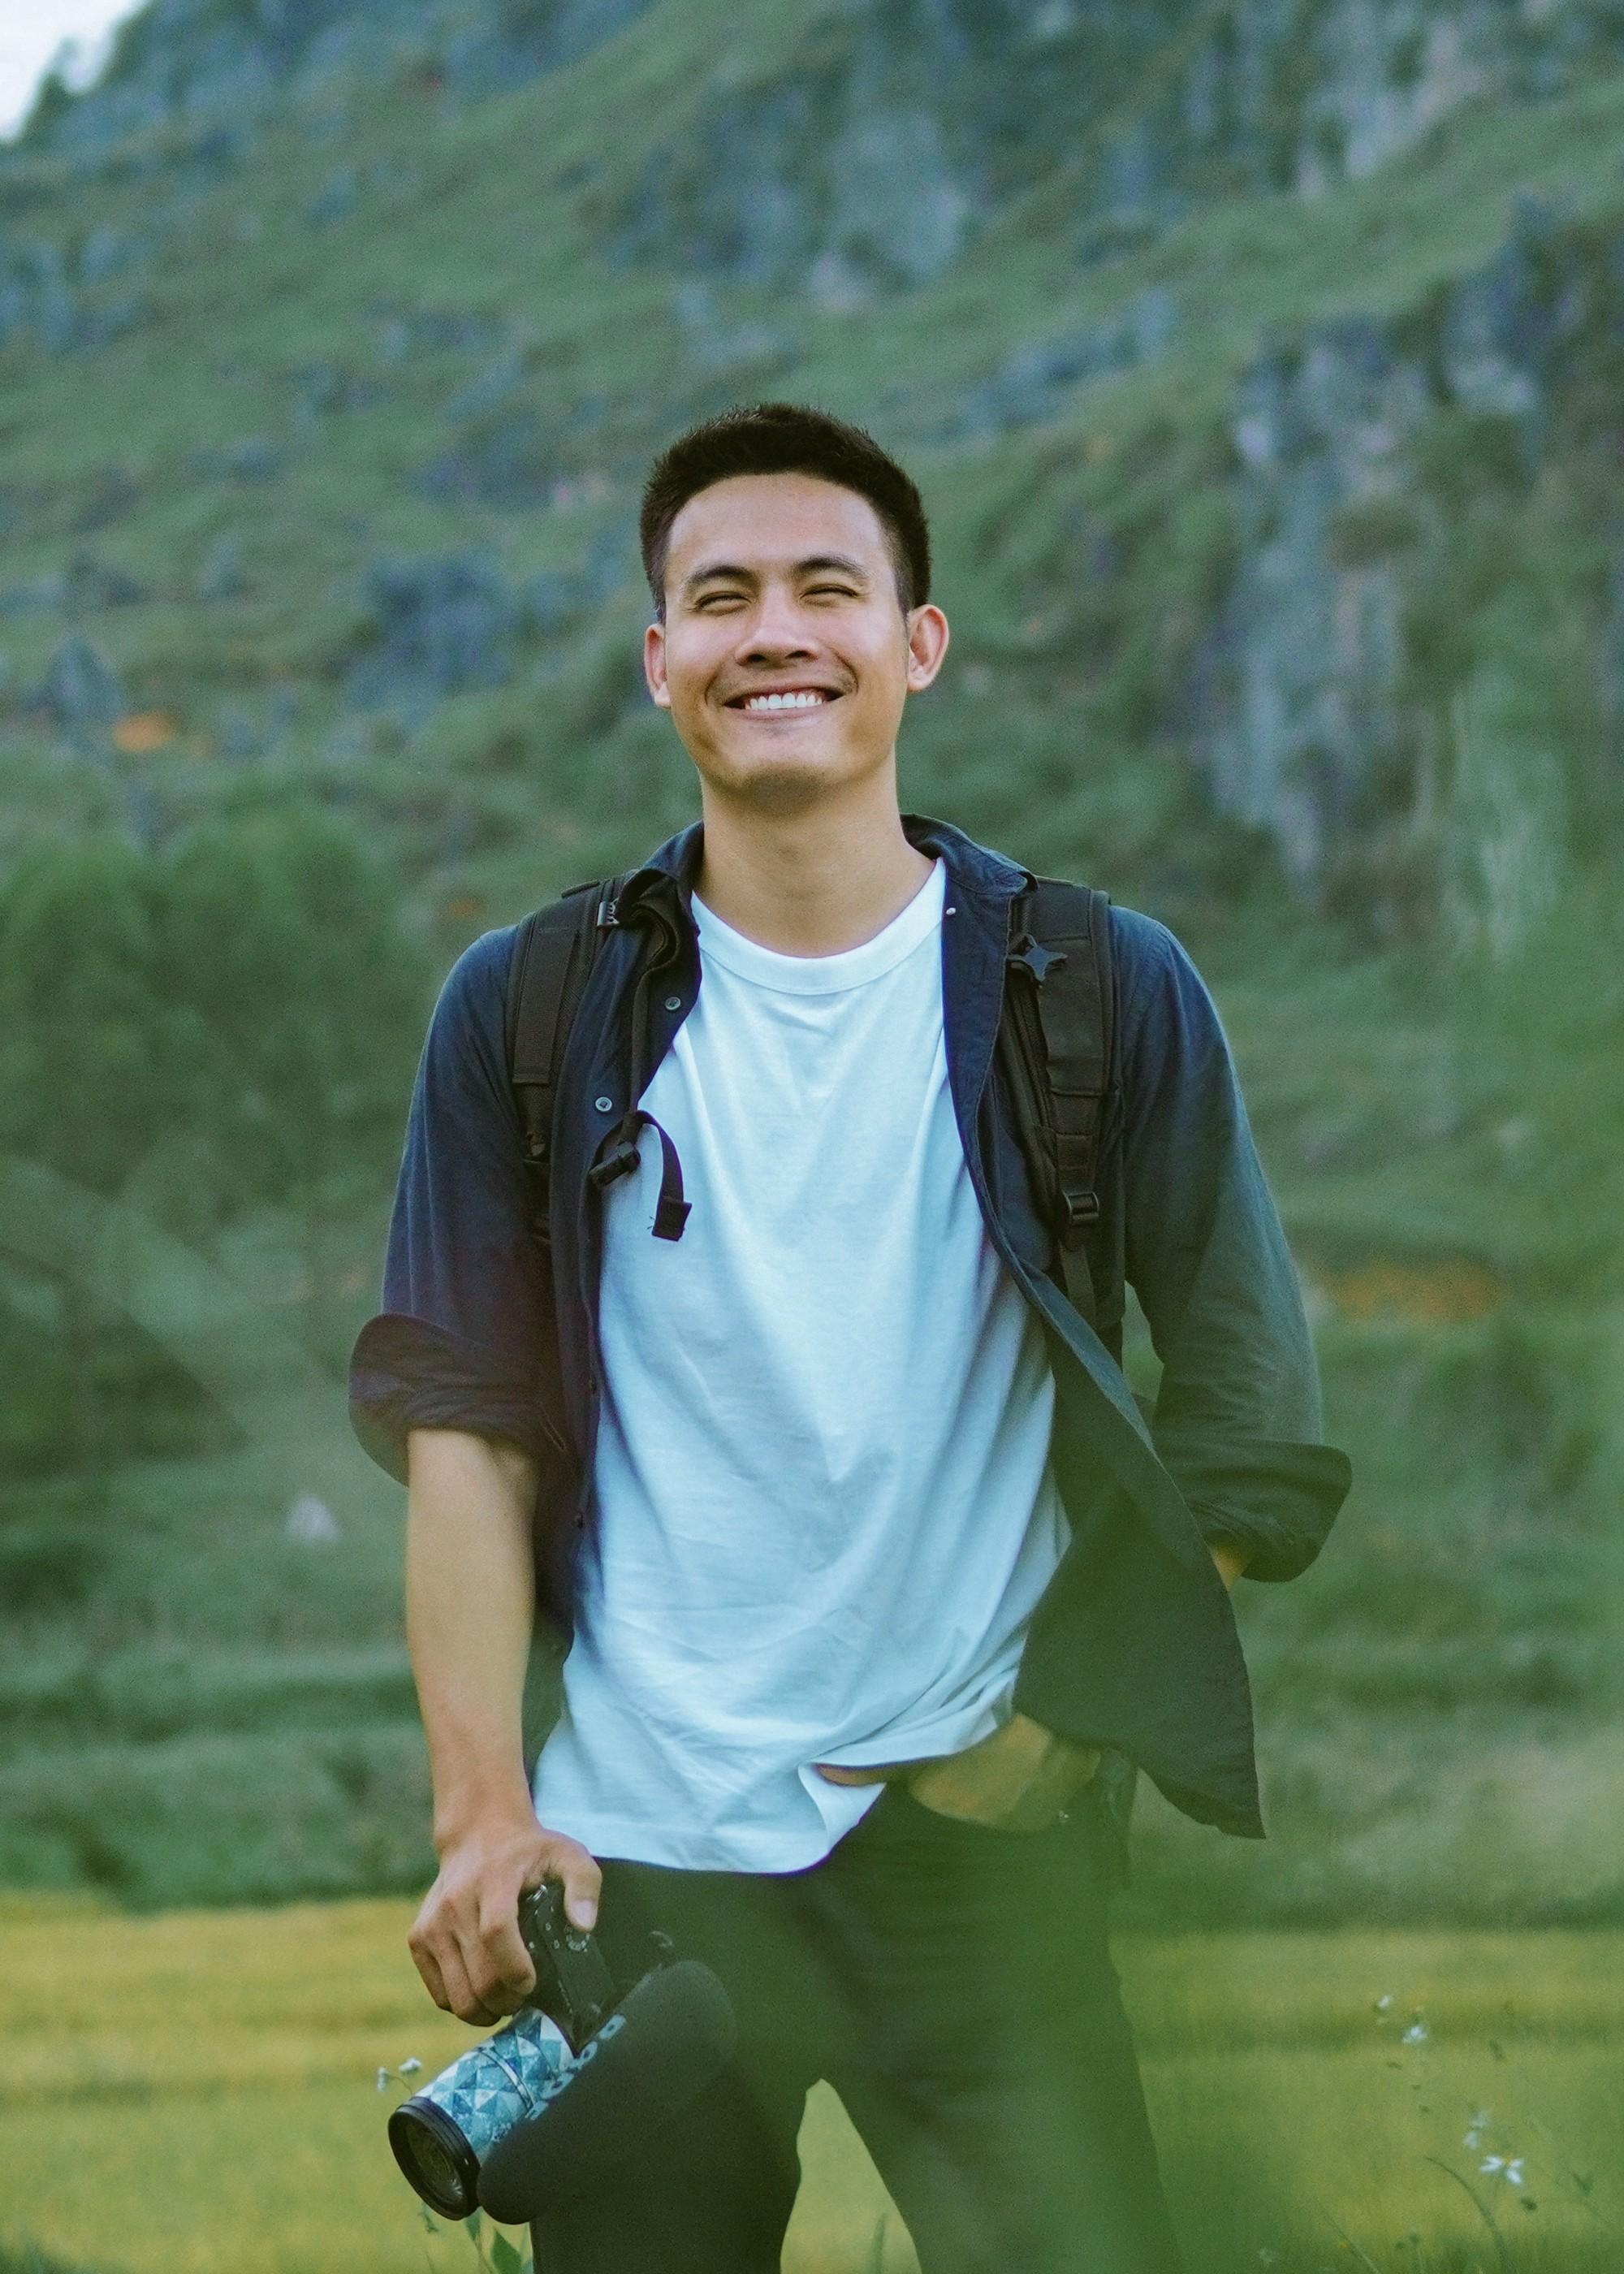 Cực phẩm Hà Giang trong video của blogger du lịch điển trai: Đầy tiếng cười trẻ thơ và cảnh vật thì đẹp xuất thần - Ảnh 1.